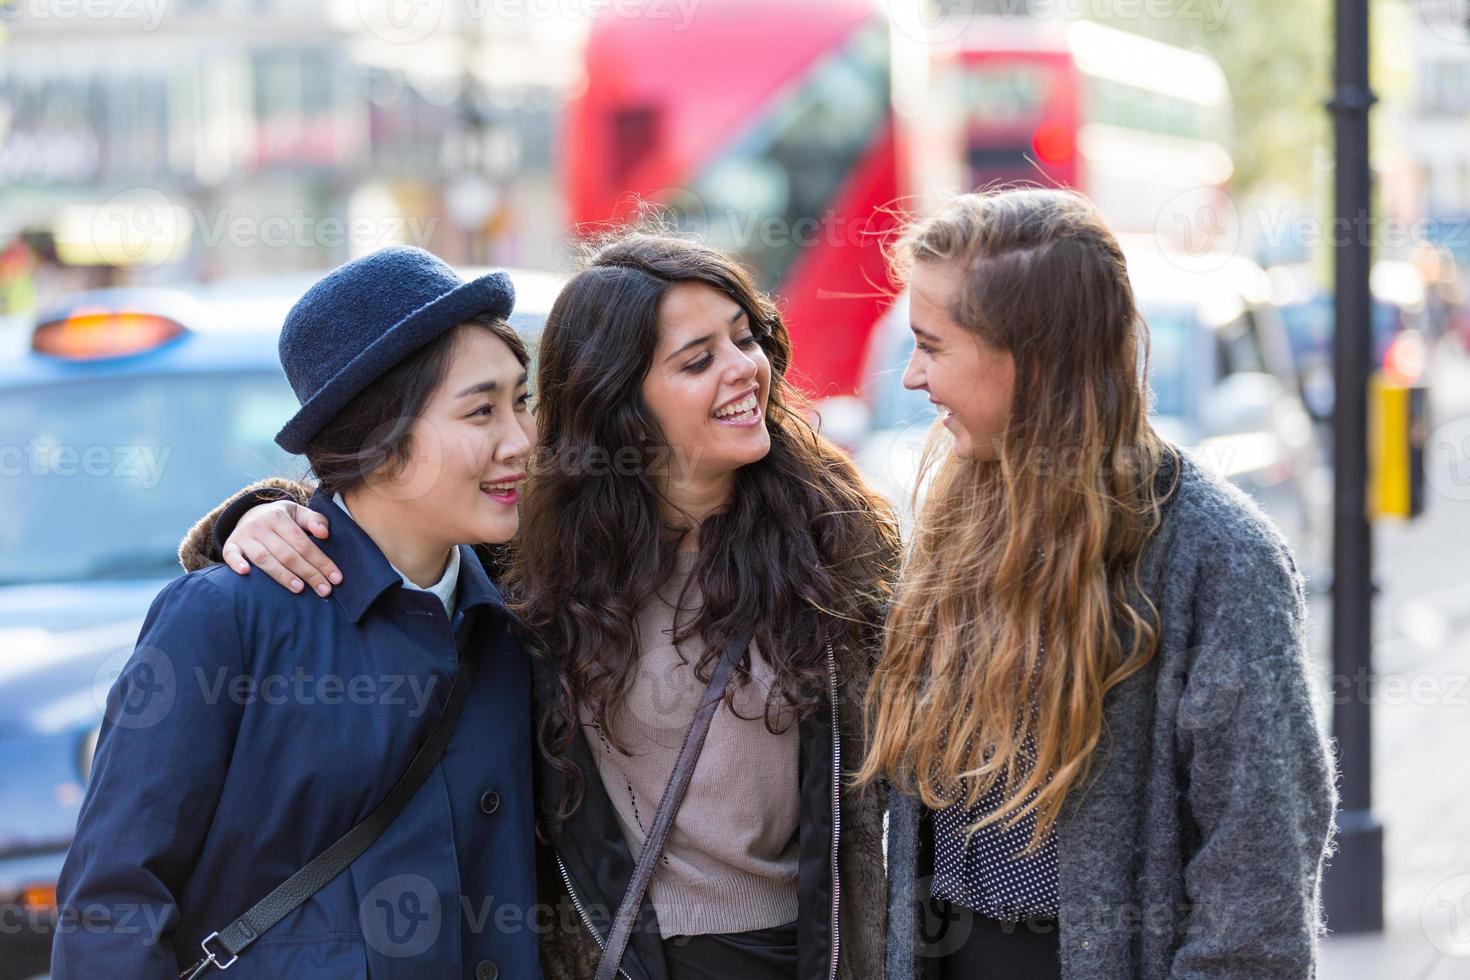 gemischtrassige Gruppe von Mädchen, die in London gehen foto